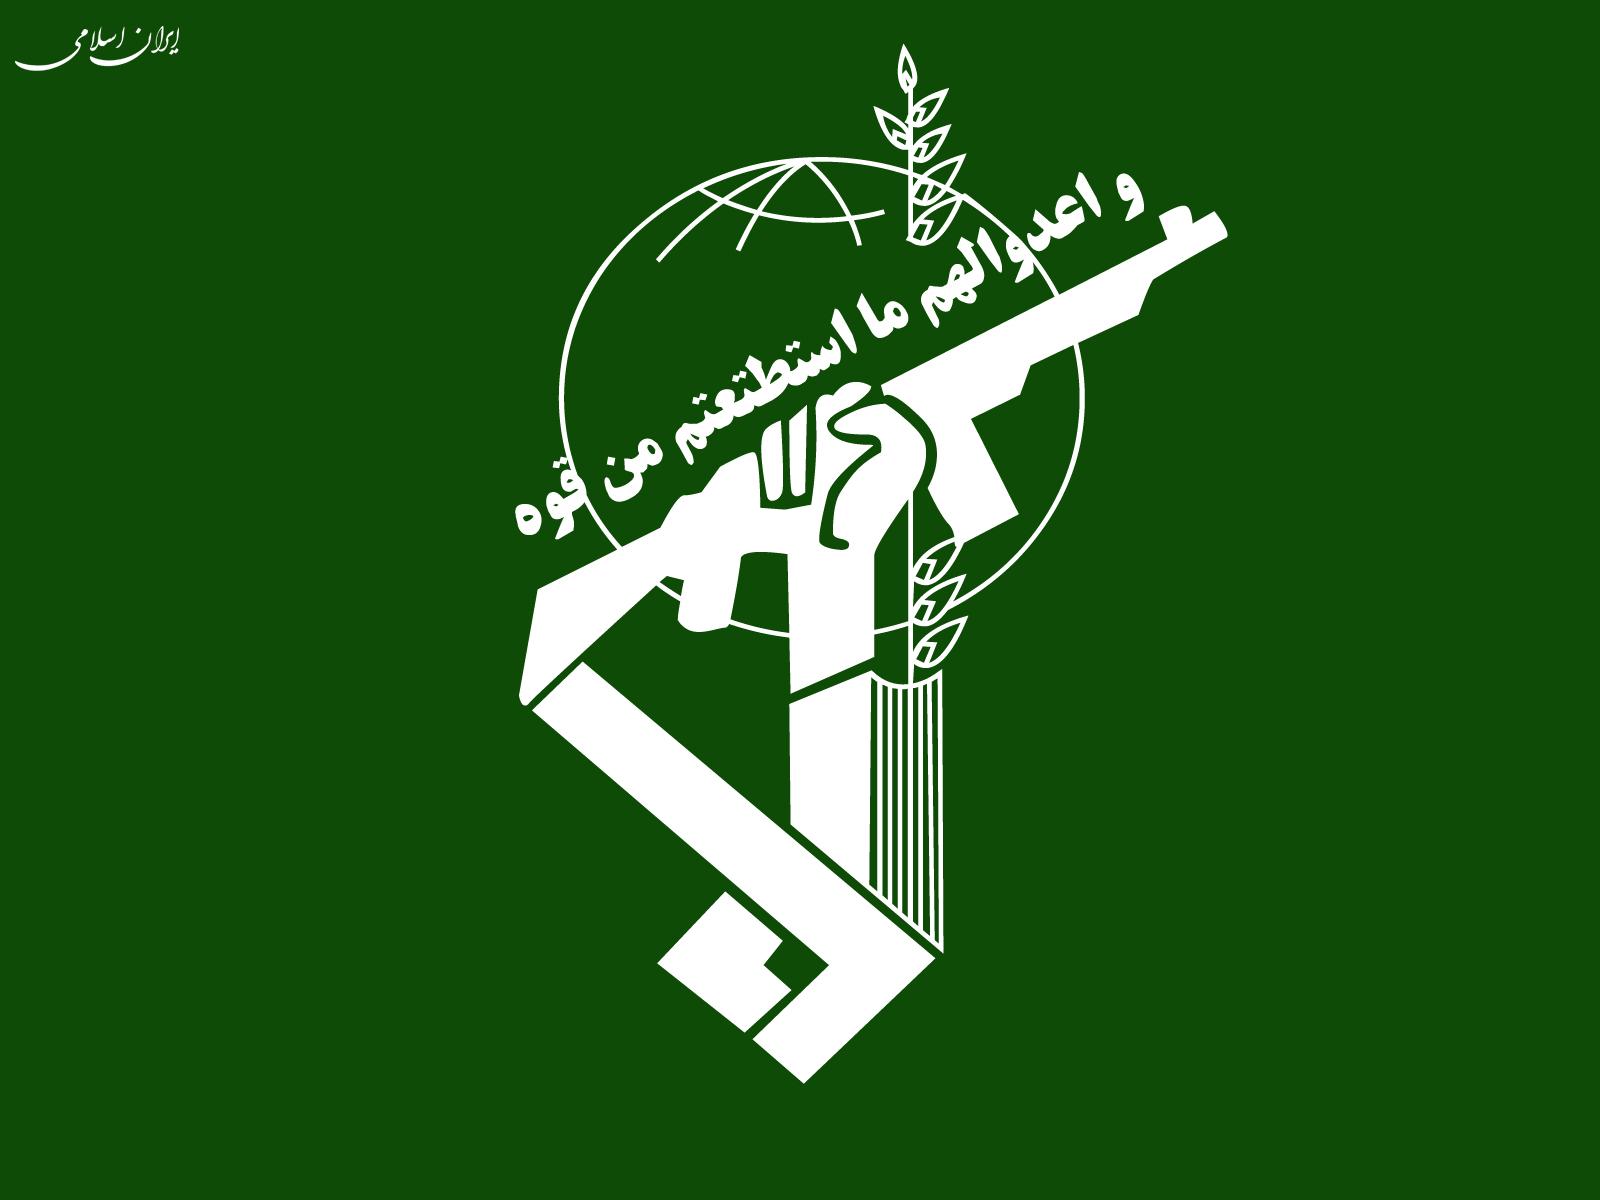 کشف انبار احتکار اقلام اساسی ماه رمضان در تبریز توسط سازمان اطلاعات سپاه عاشورا